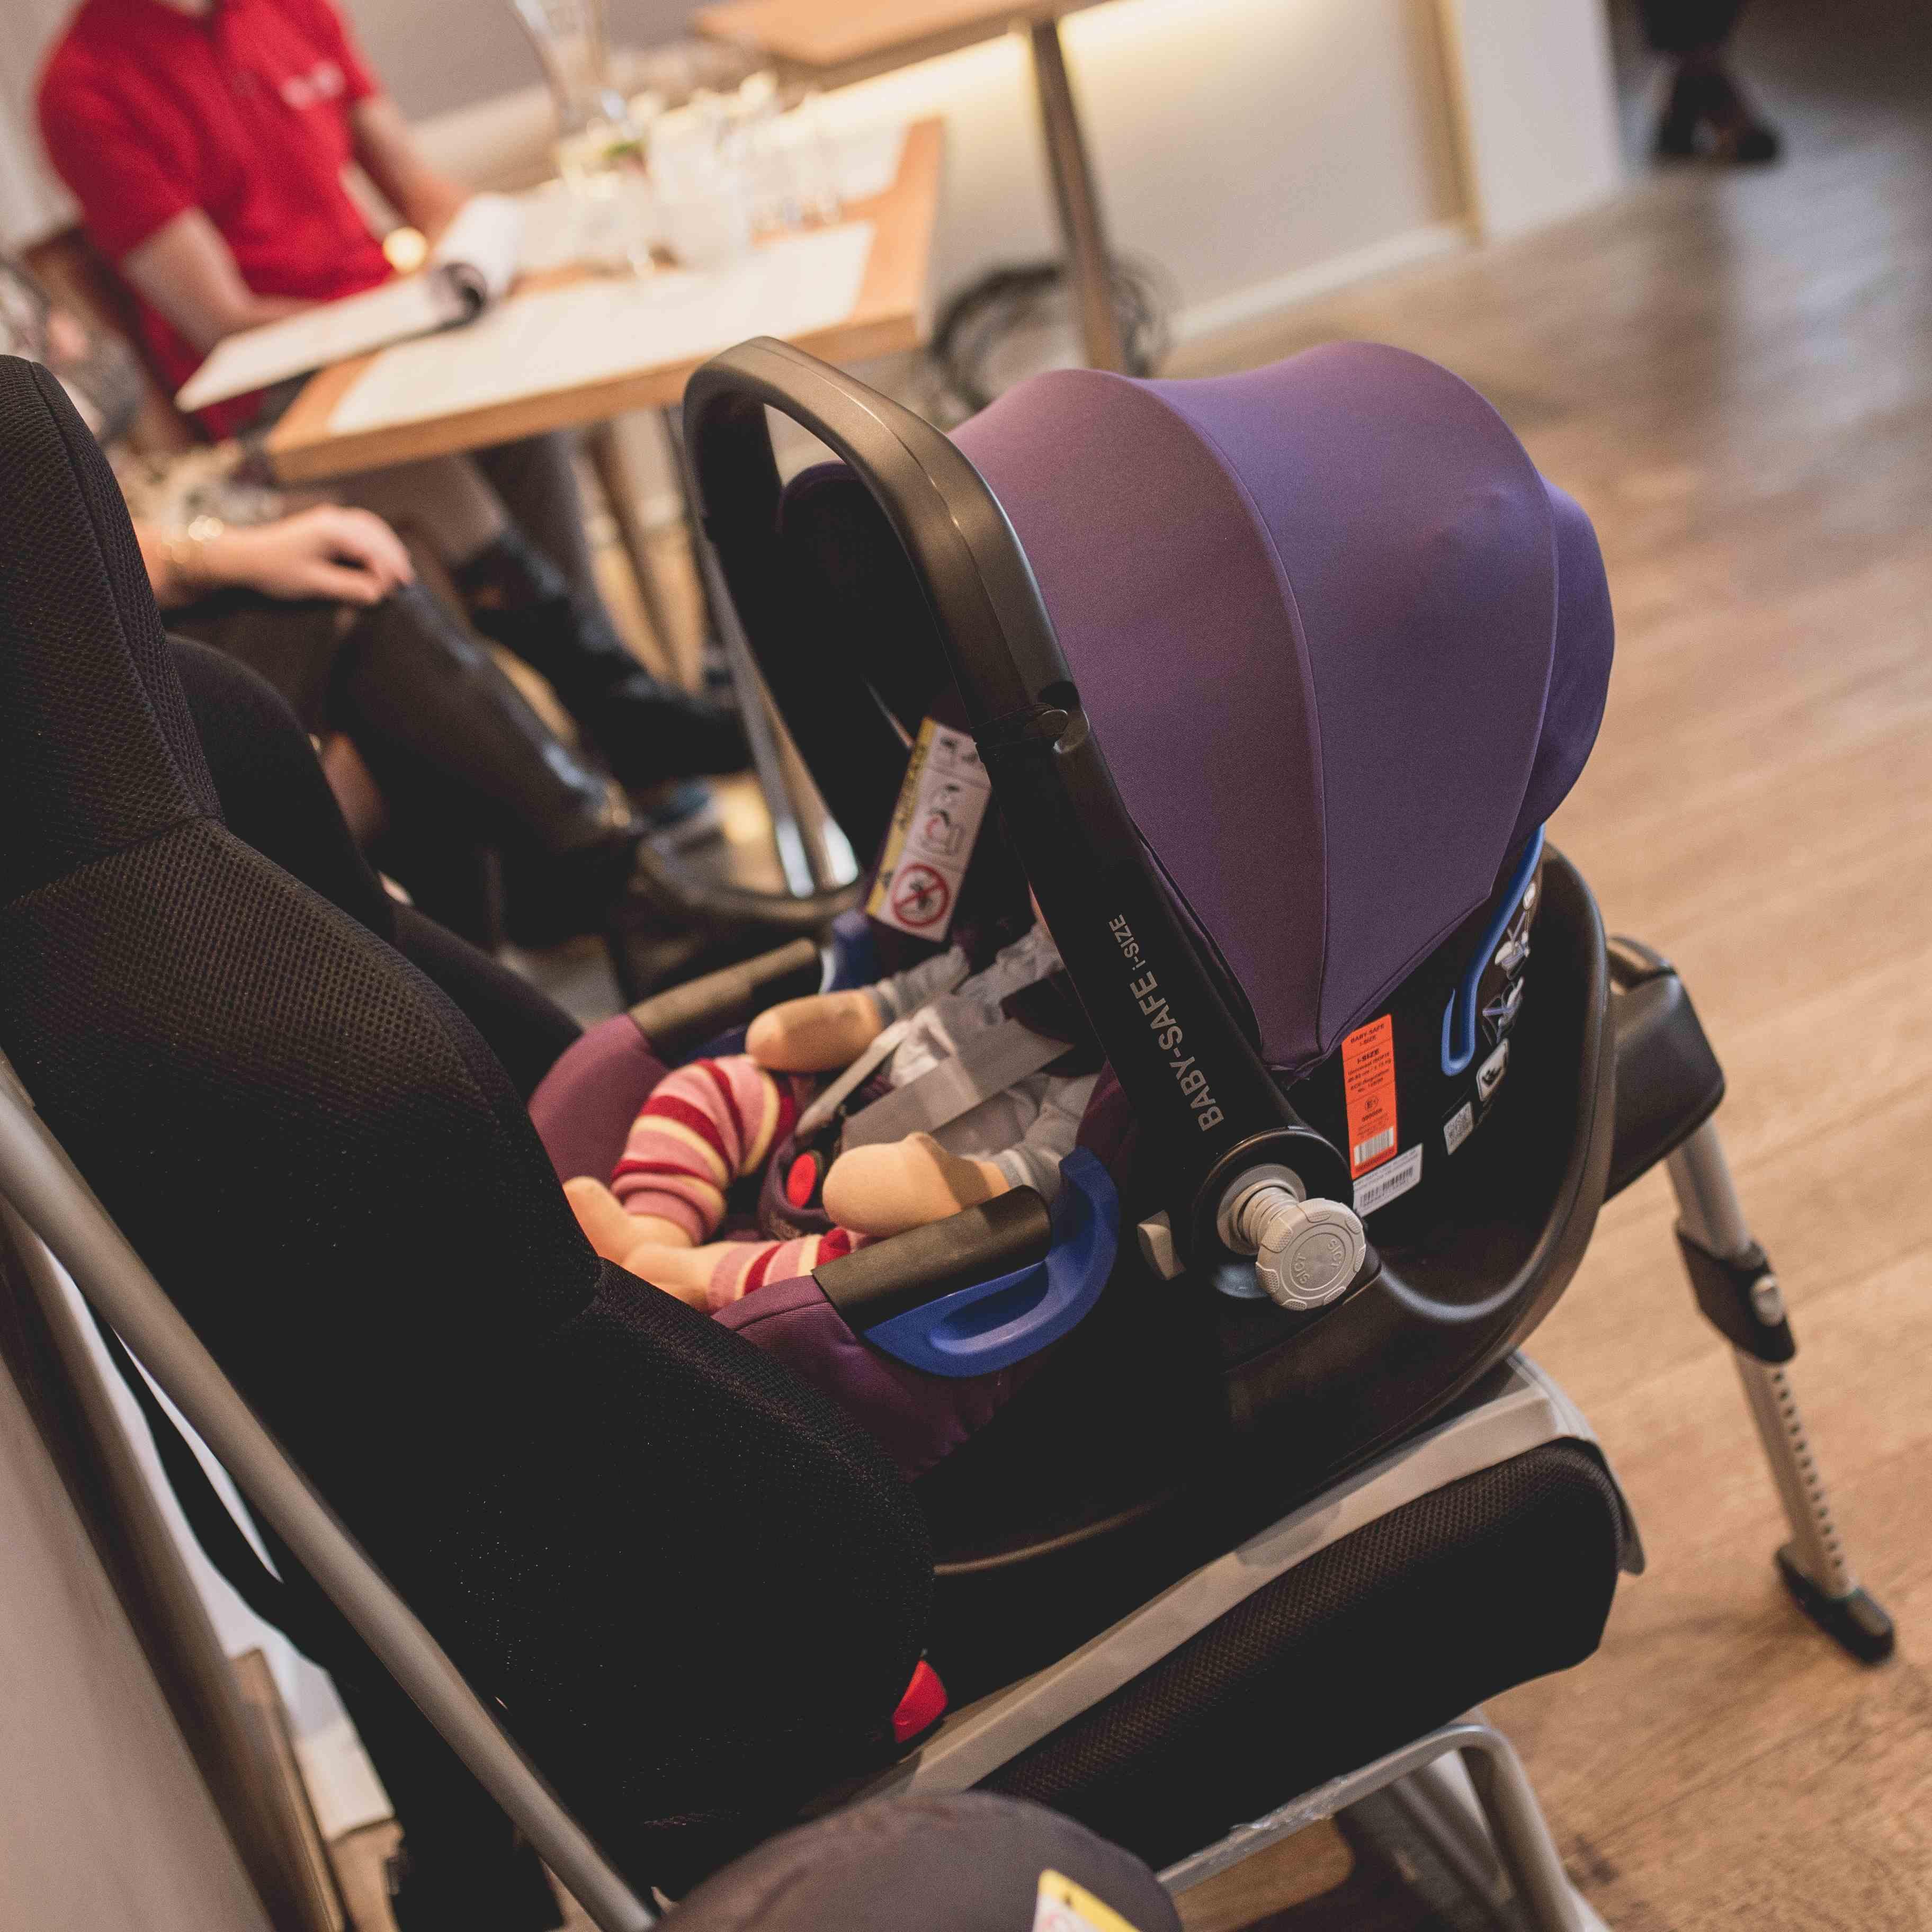 img_5473_przepisy-dotyczace-przewozenia-dzieci